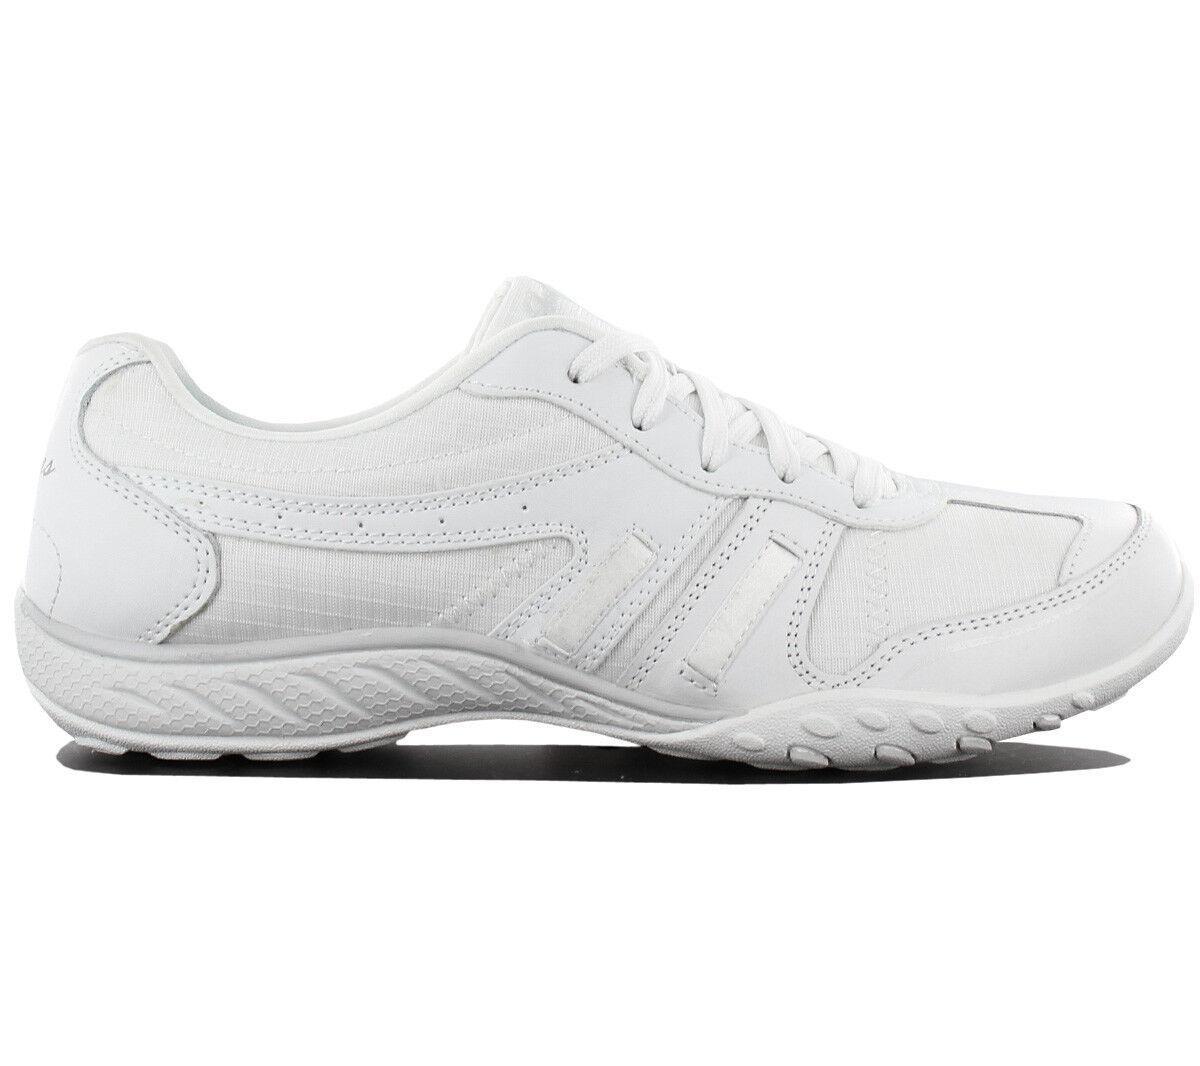 Skechers Breathe Easy Jackpot Damen Sneaker NEU Schuhe Memory Foam 22532-WHT NEU Sneaker cdd139